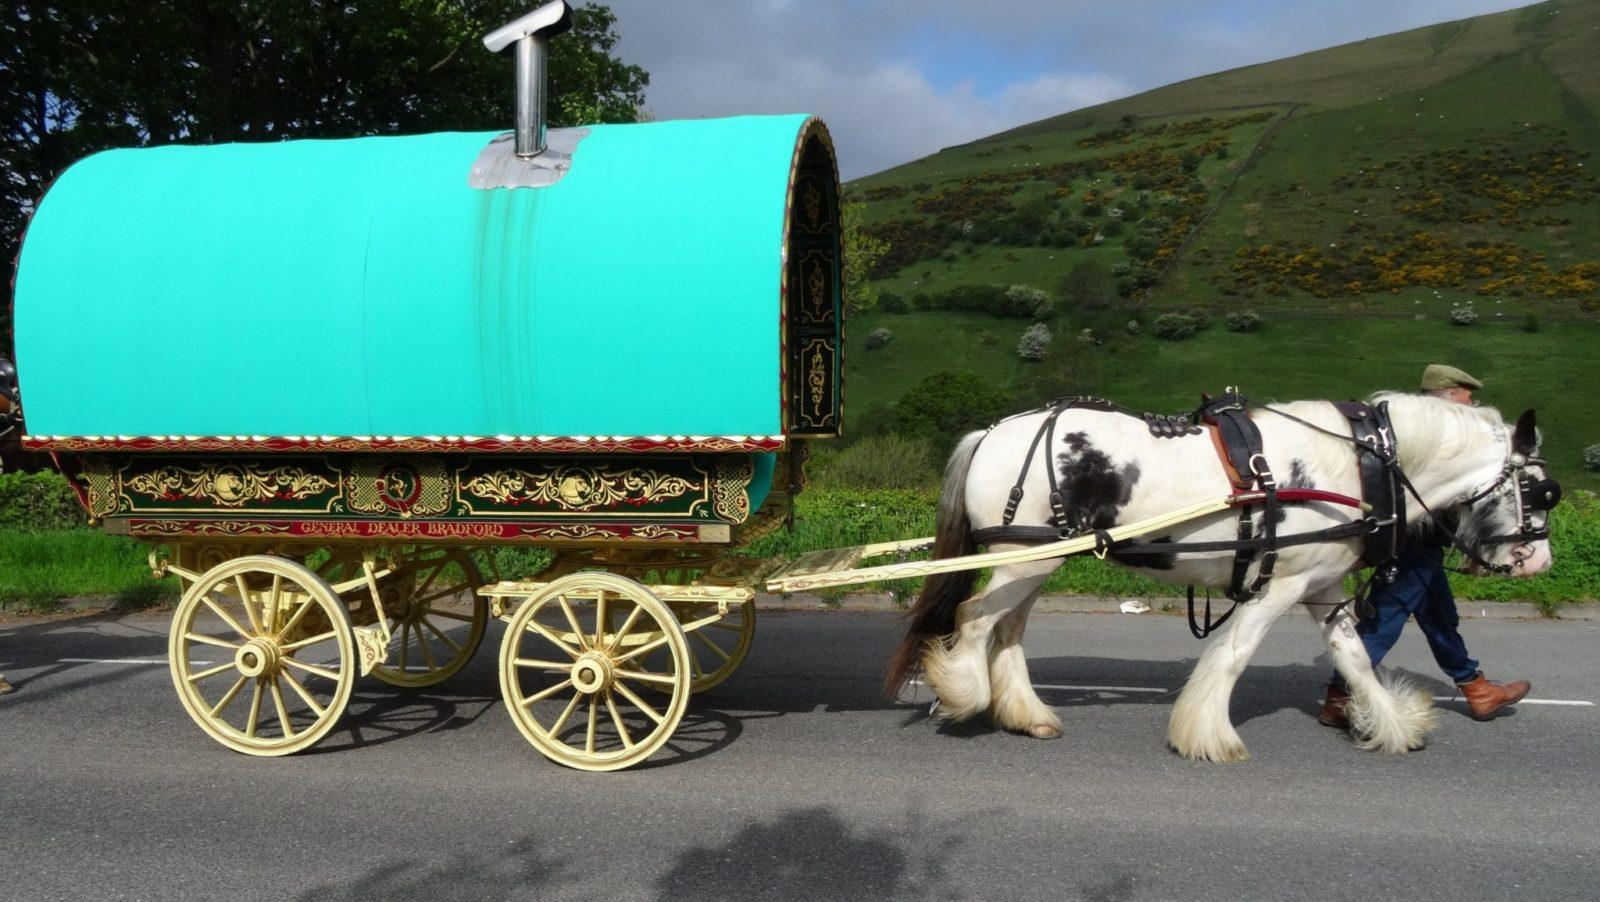 Horse Fair in Appleby-in-Westmorland